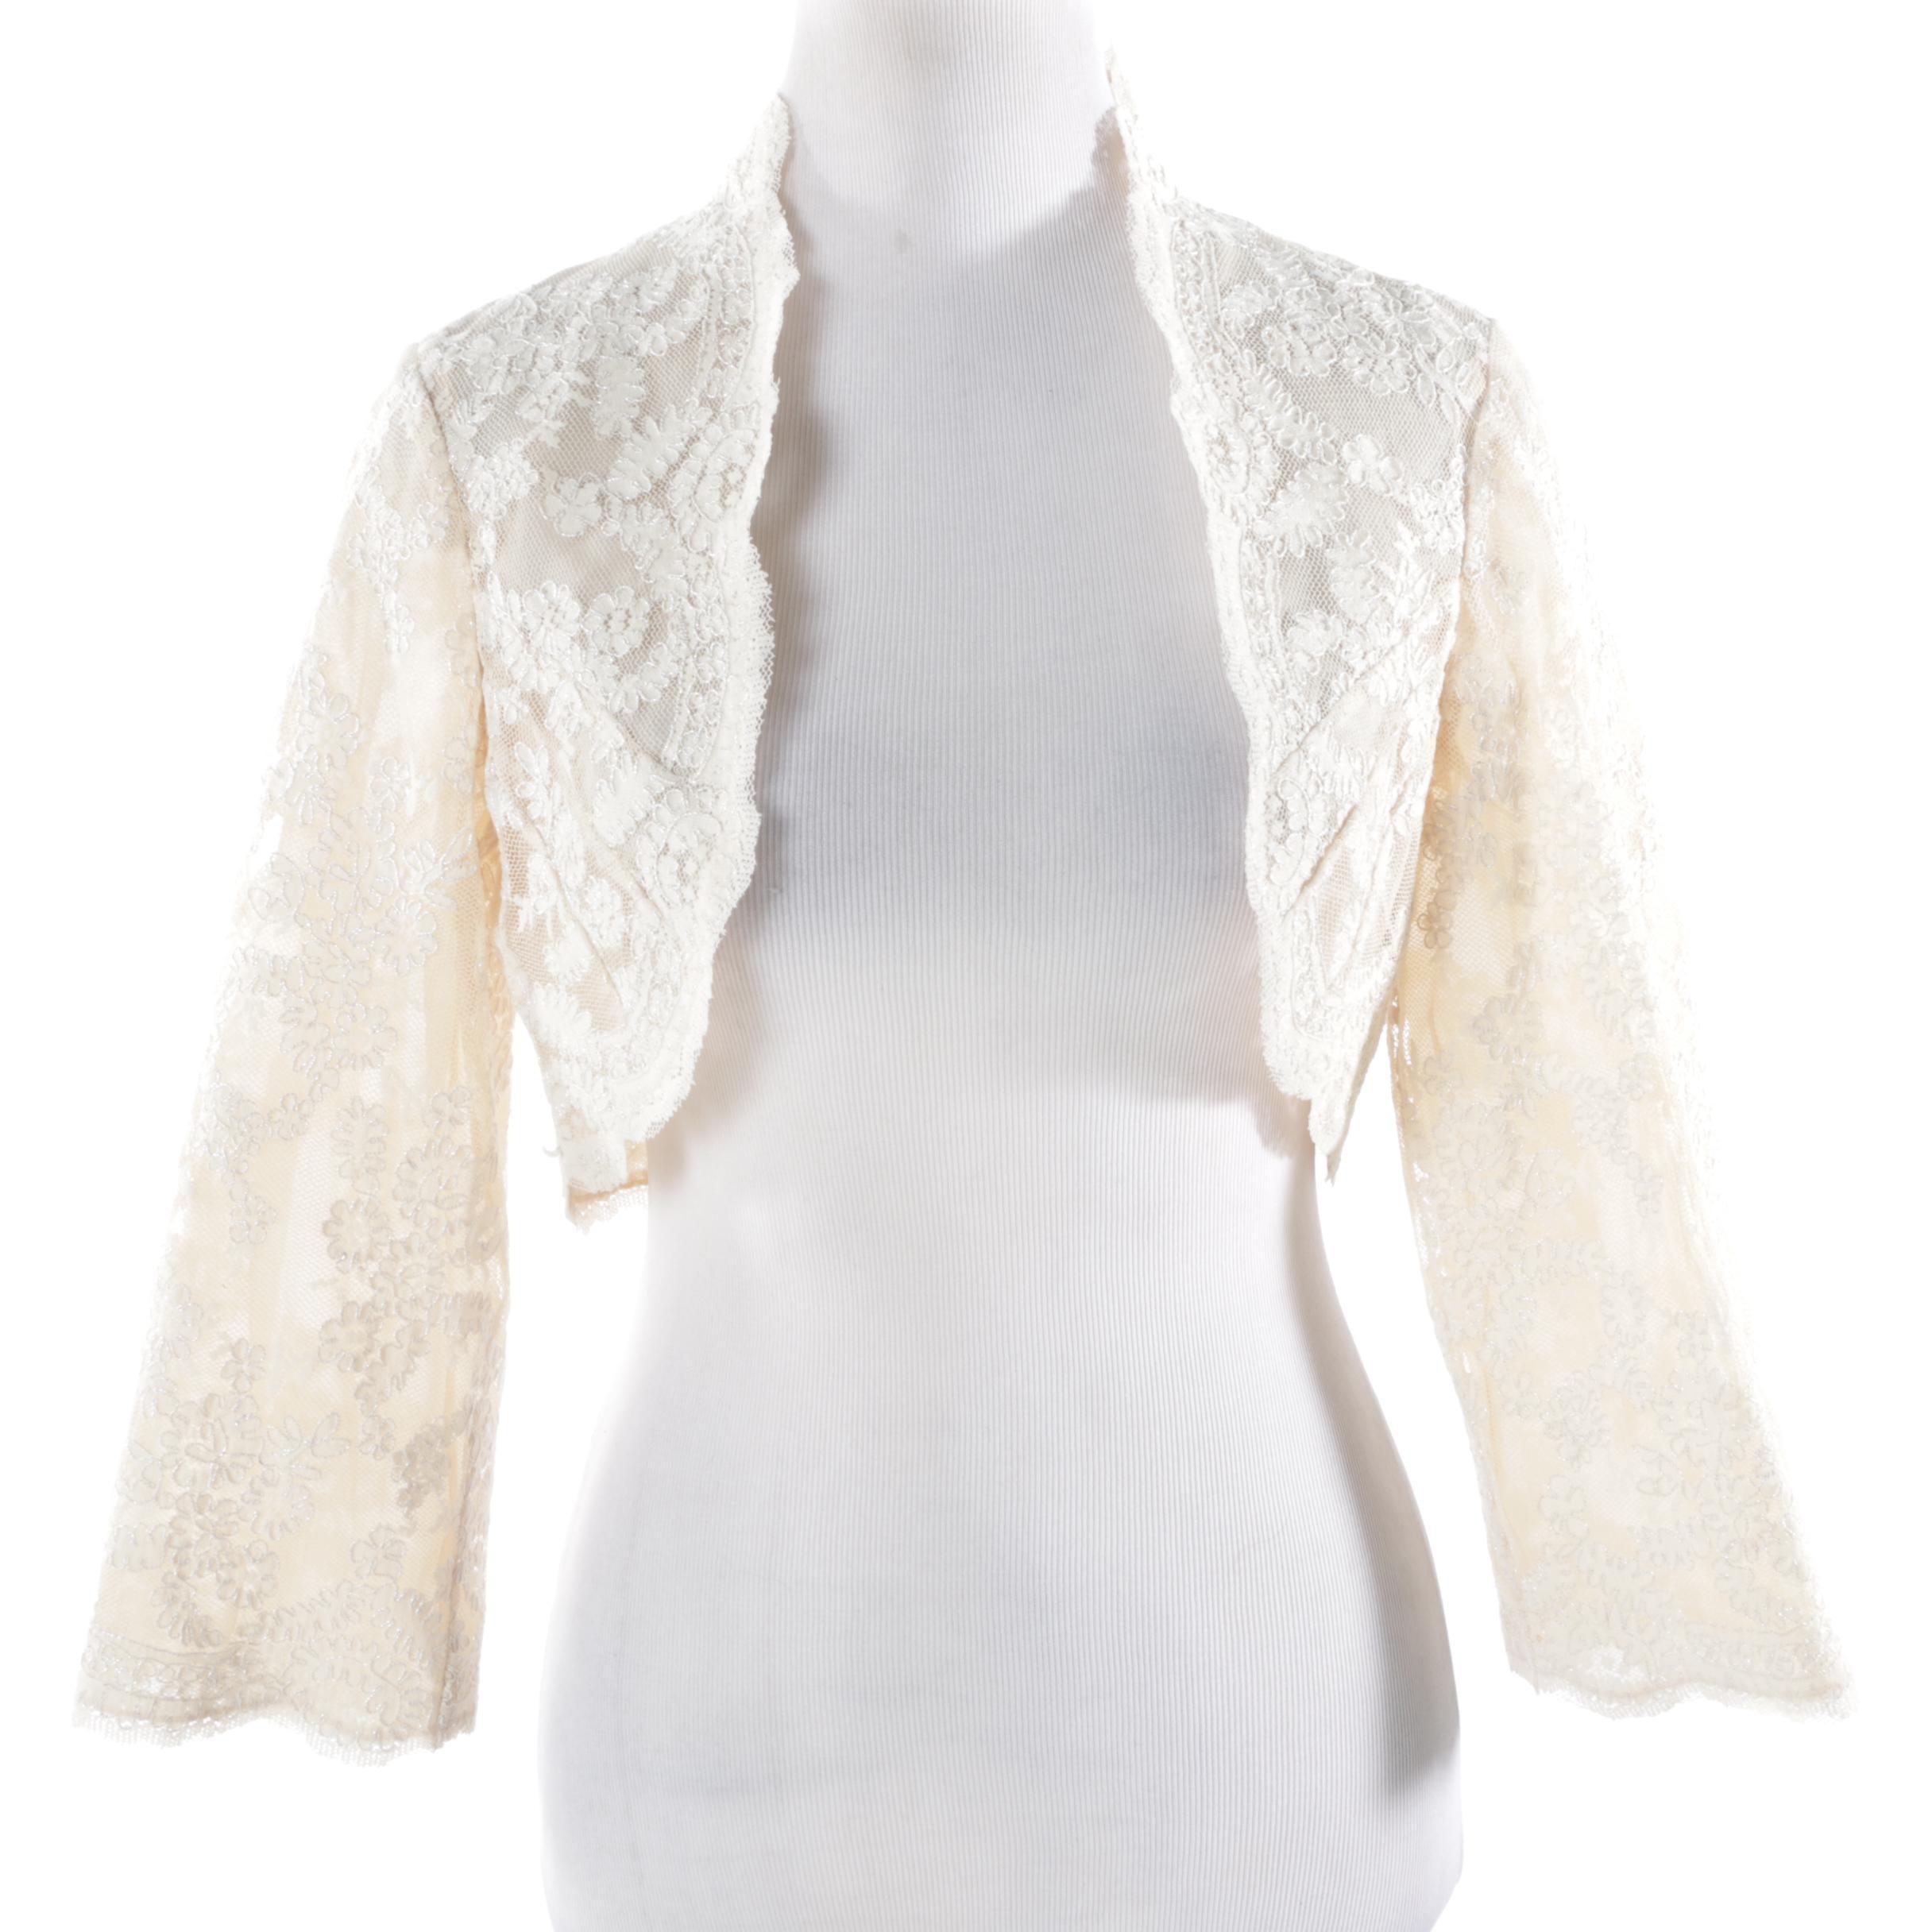 Lillie Rubin Cream-Colored Lace Bolero Jacket